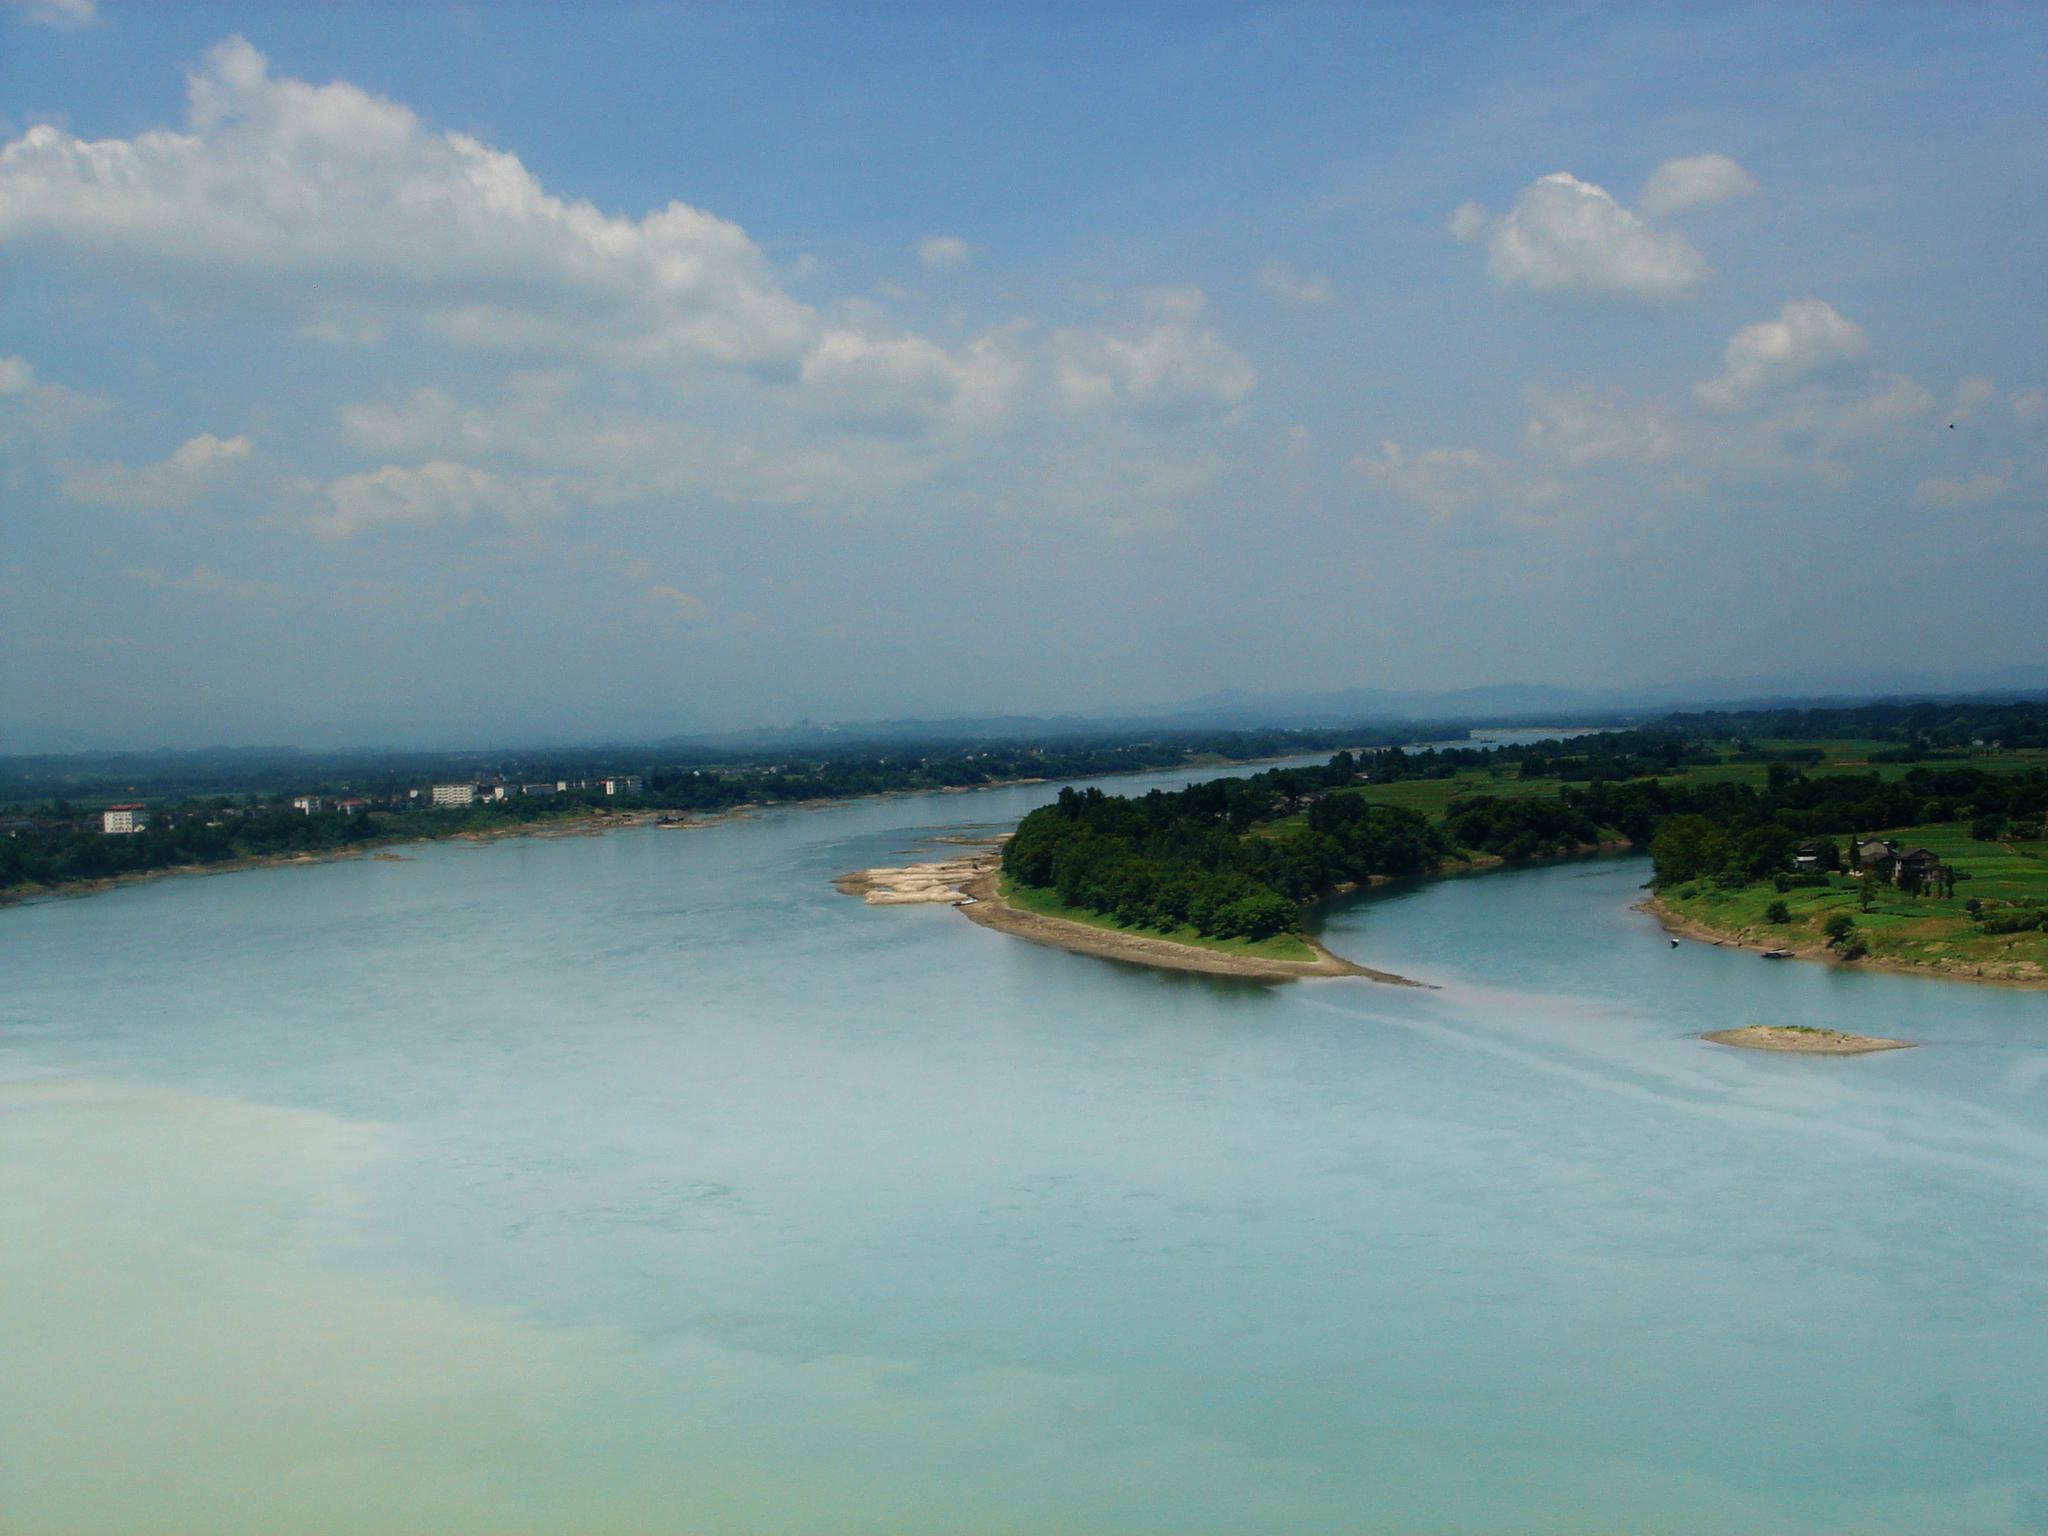 2007-07-07 柳叶湖